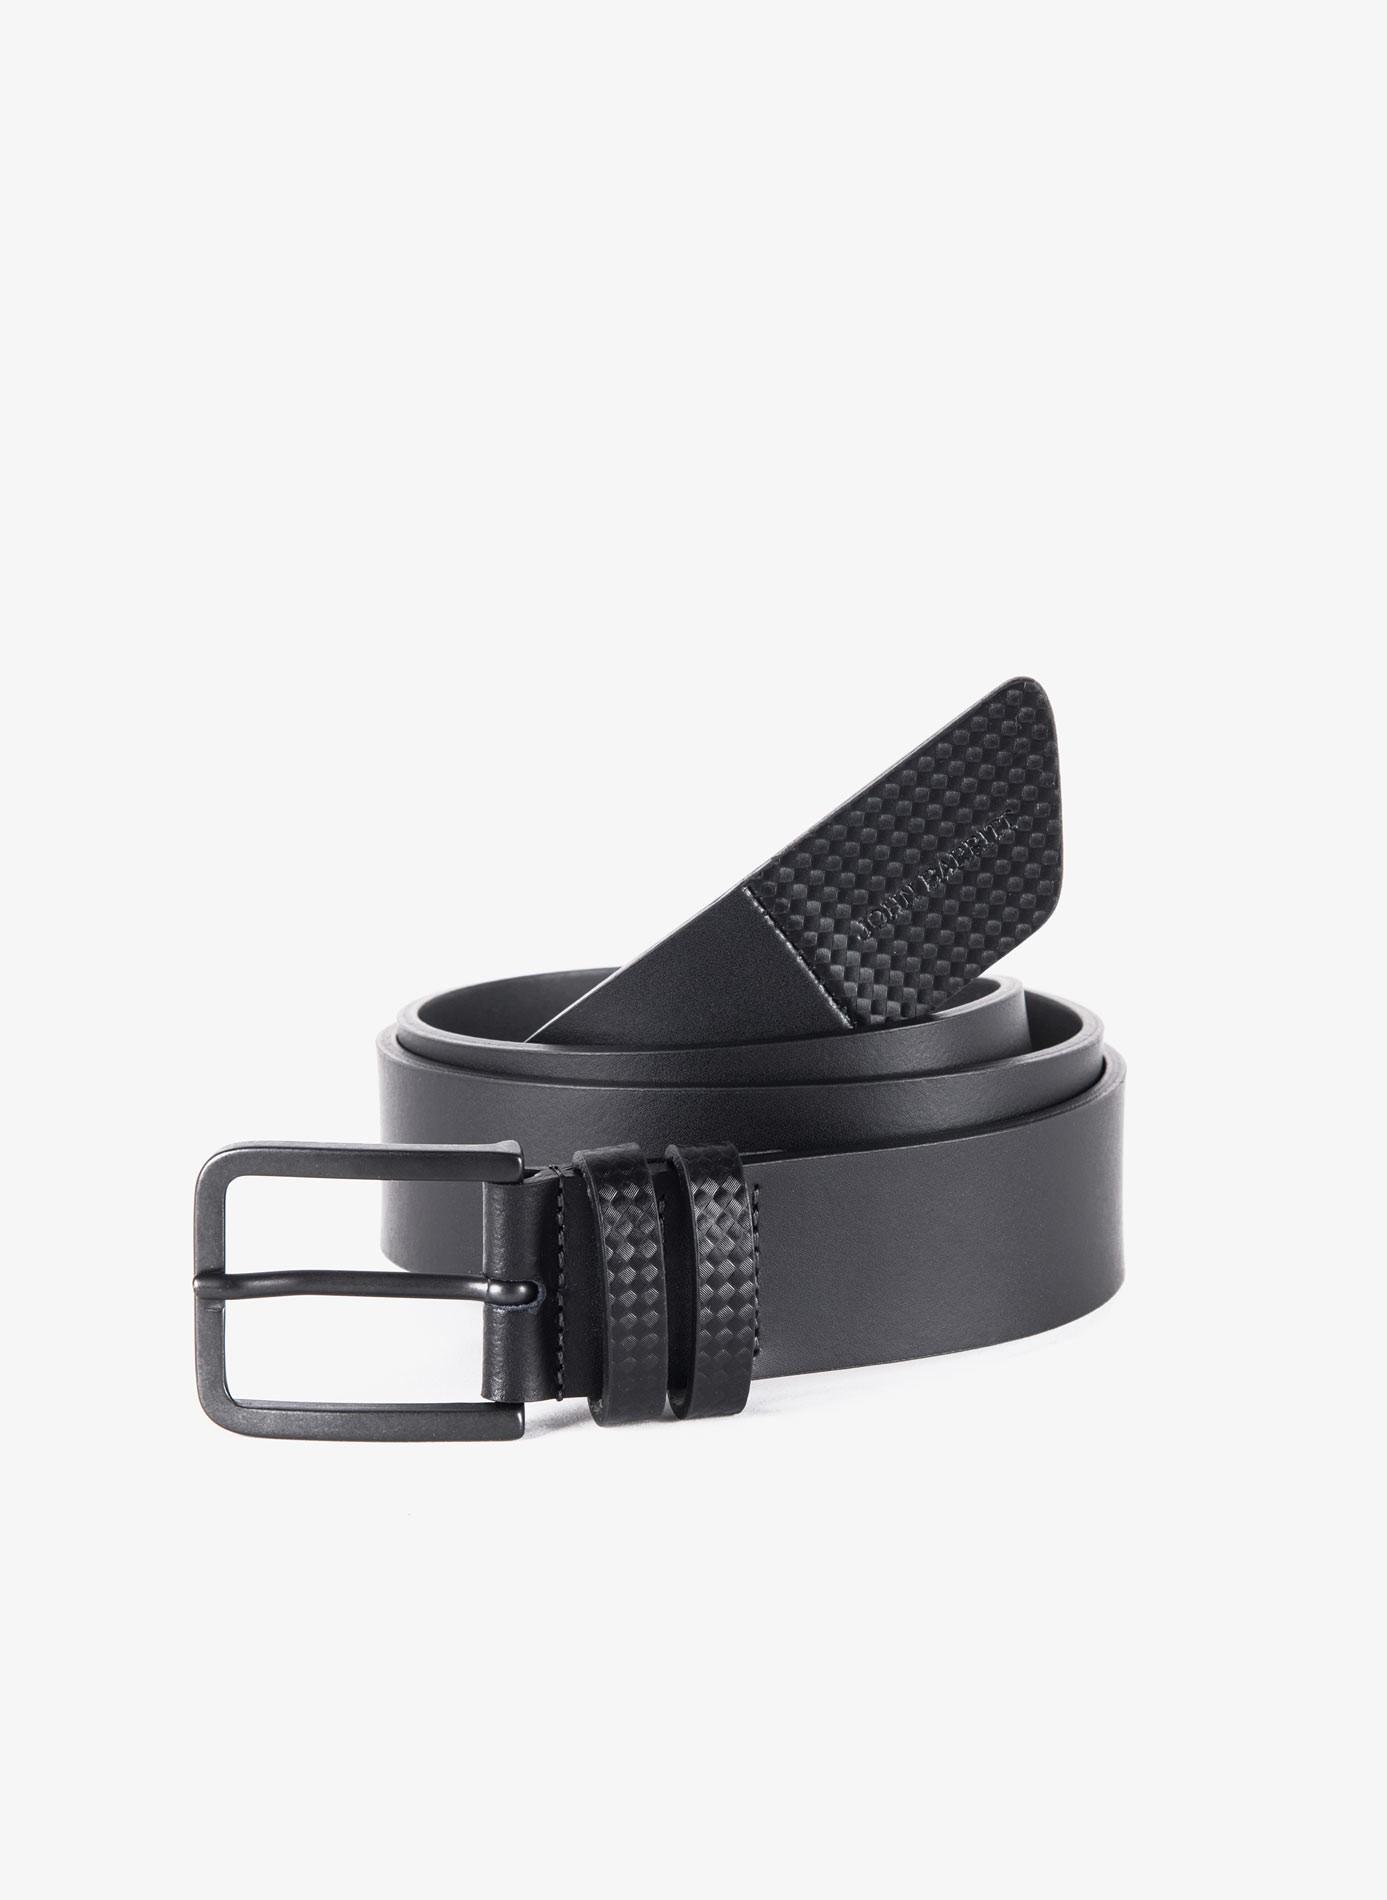 aea2ddc27c Cintura uomo John Barritt, regolabile, altezza 3.5 cm, in pelle con ...